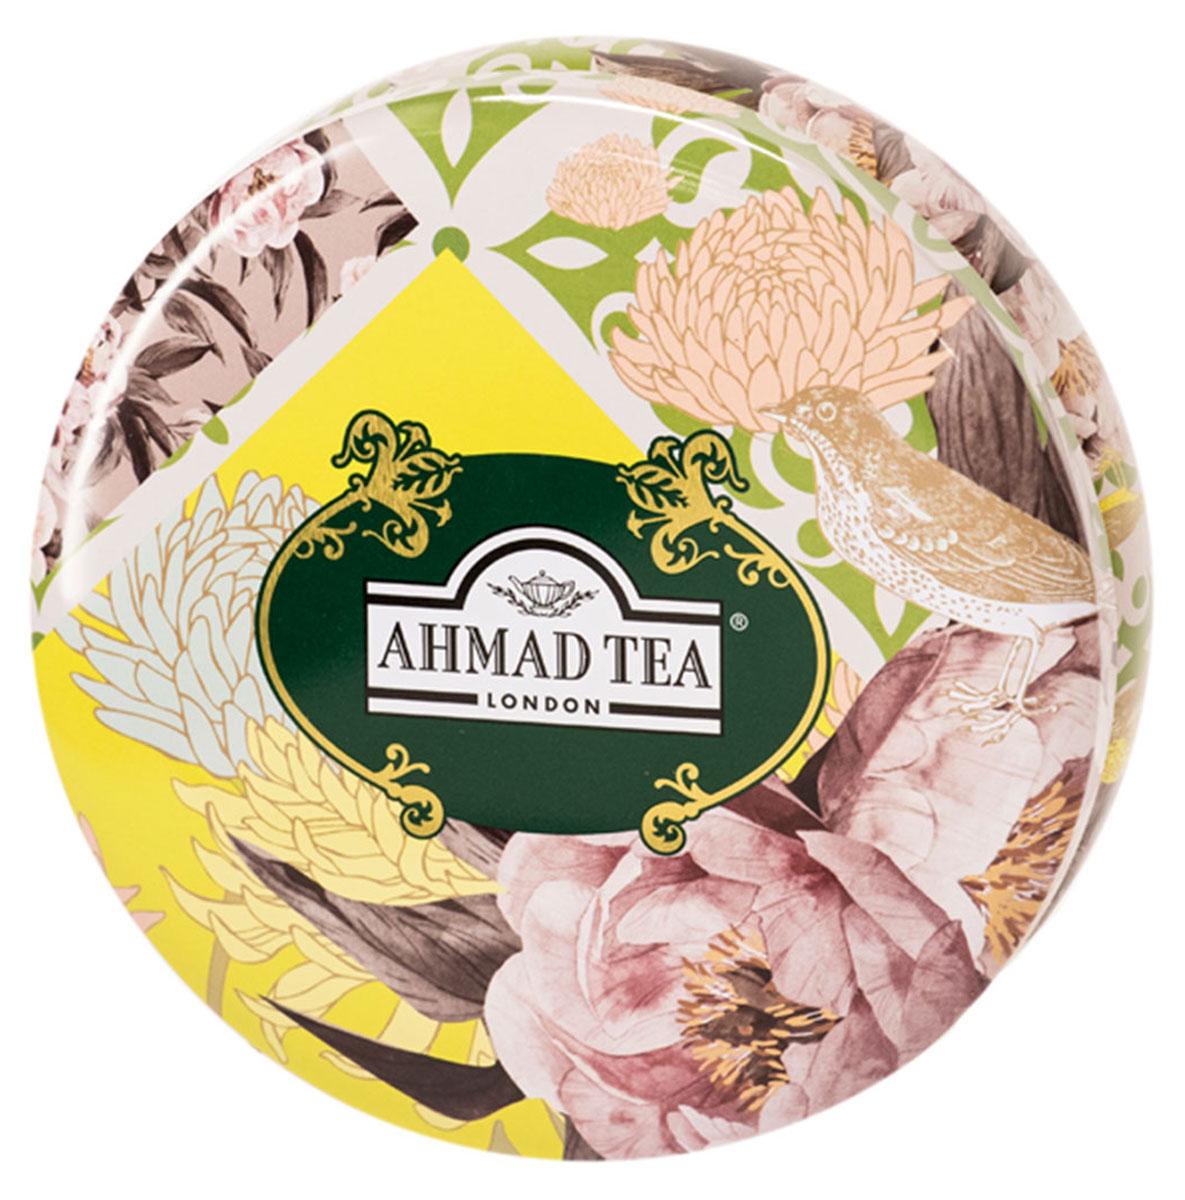 Ahmad Tea Весенняя Мята зеленый листовой чай с мятой, мелиссой и лимонным сорго, 100 г (ж/б)1524Ahmad Tea Весенняя Мята представляет собой купаж деликатного китайского зеленого чая и мелиссы с утонченным послевкусием цитрусовых. Мятный вкус сопровождает свежая нота лимонника.